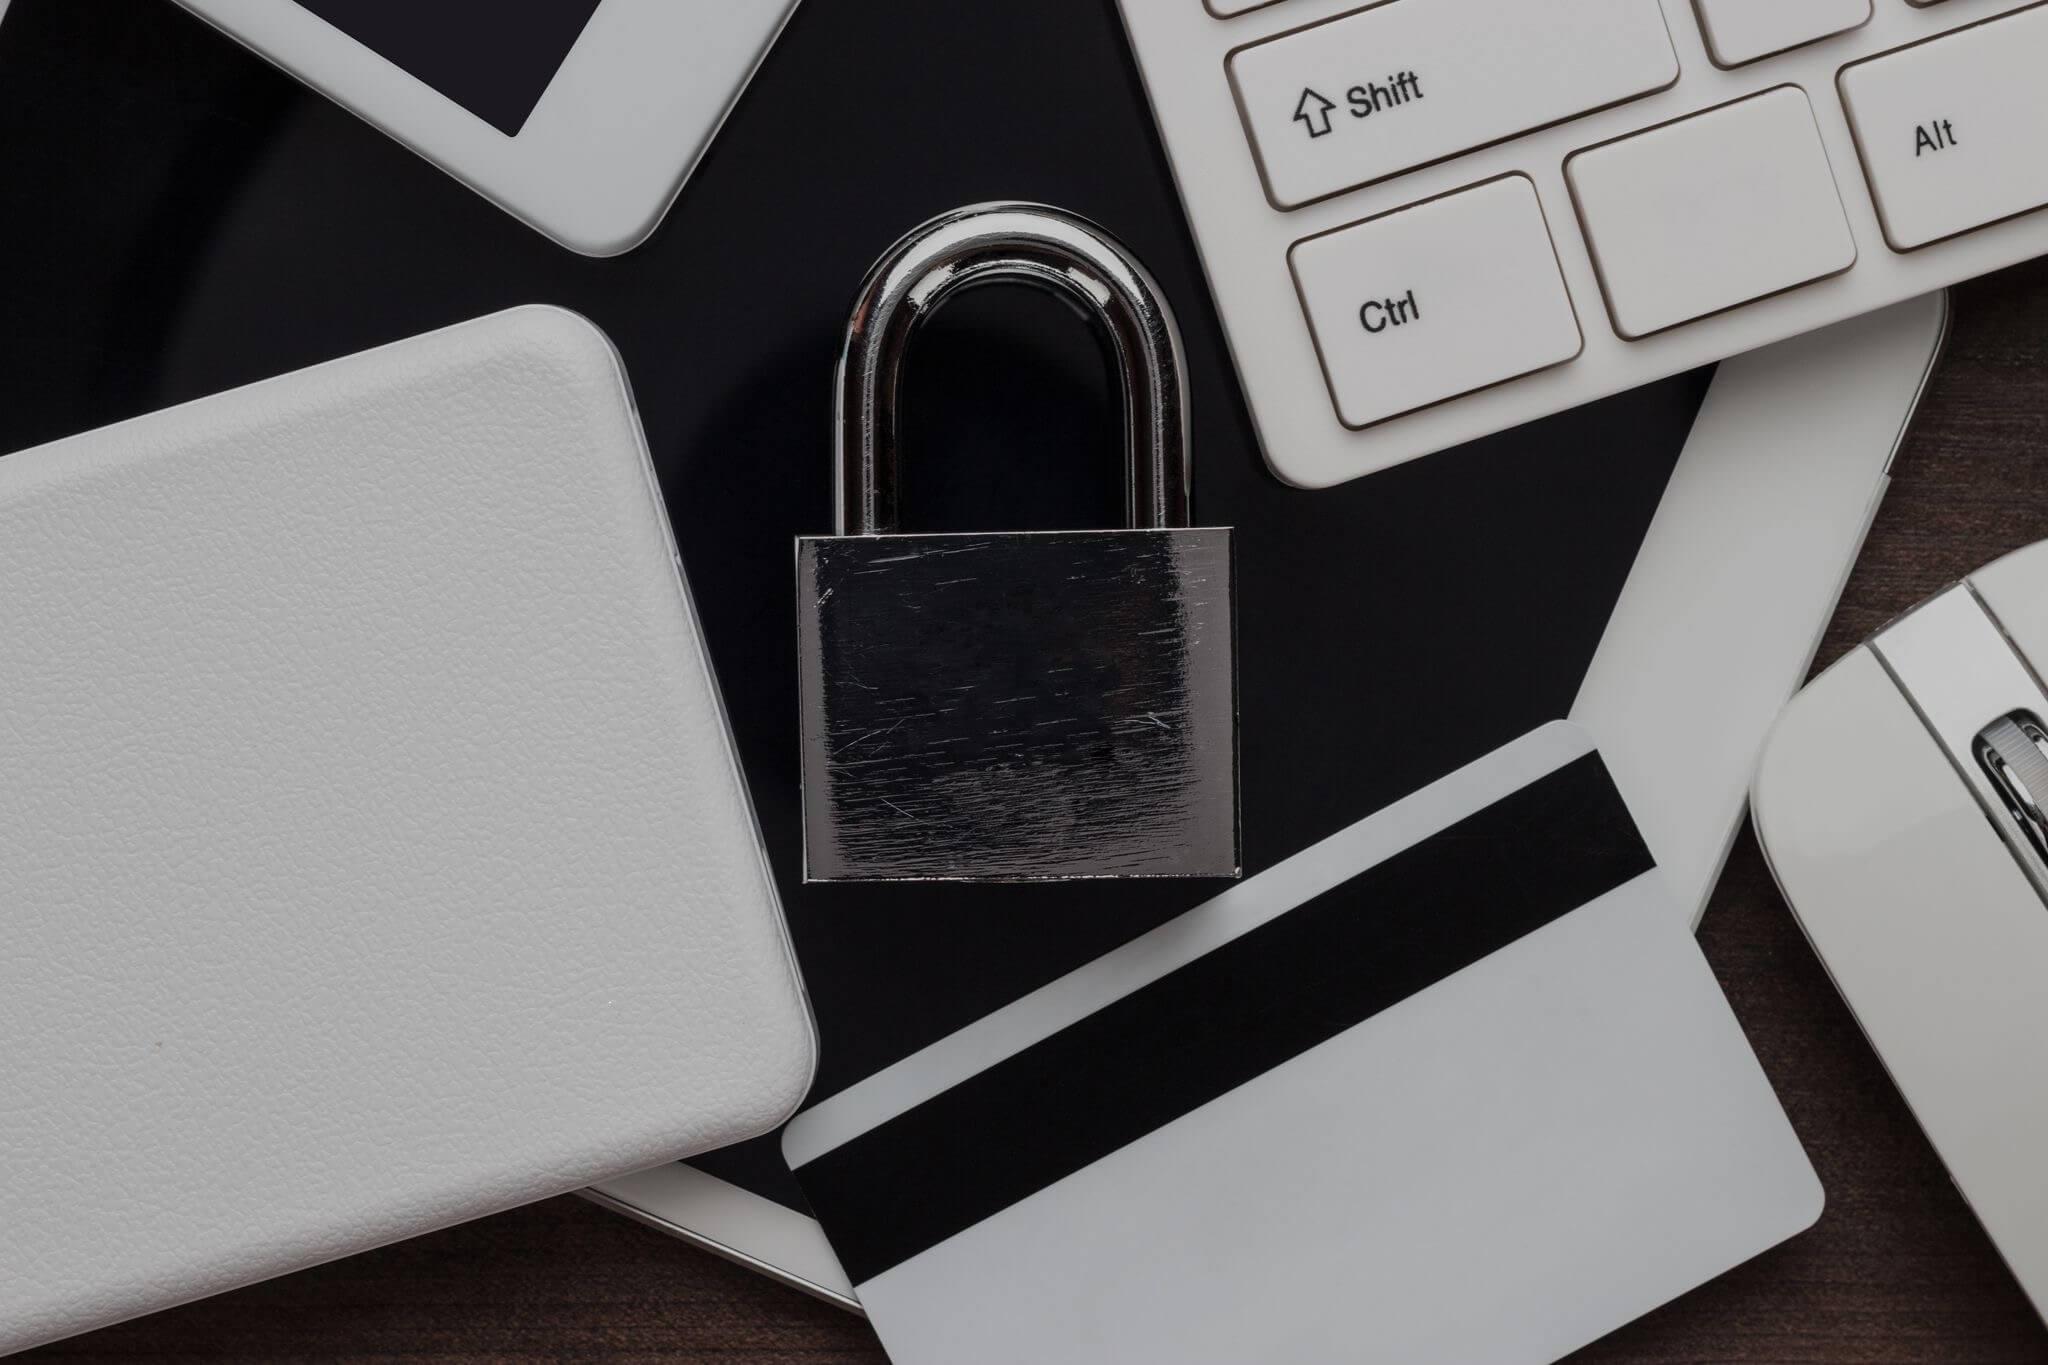 política de privacidad grandes logros